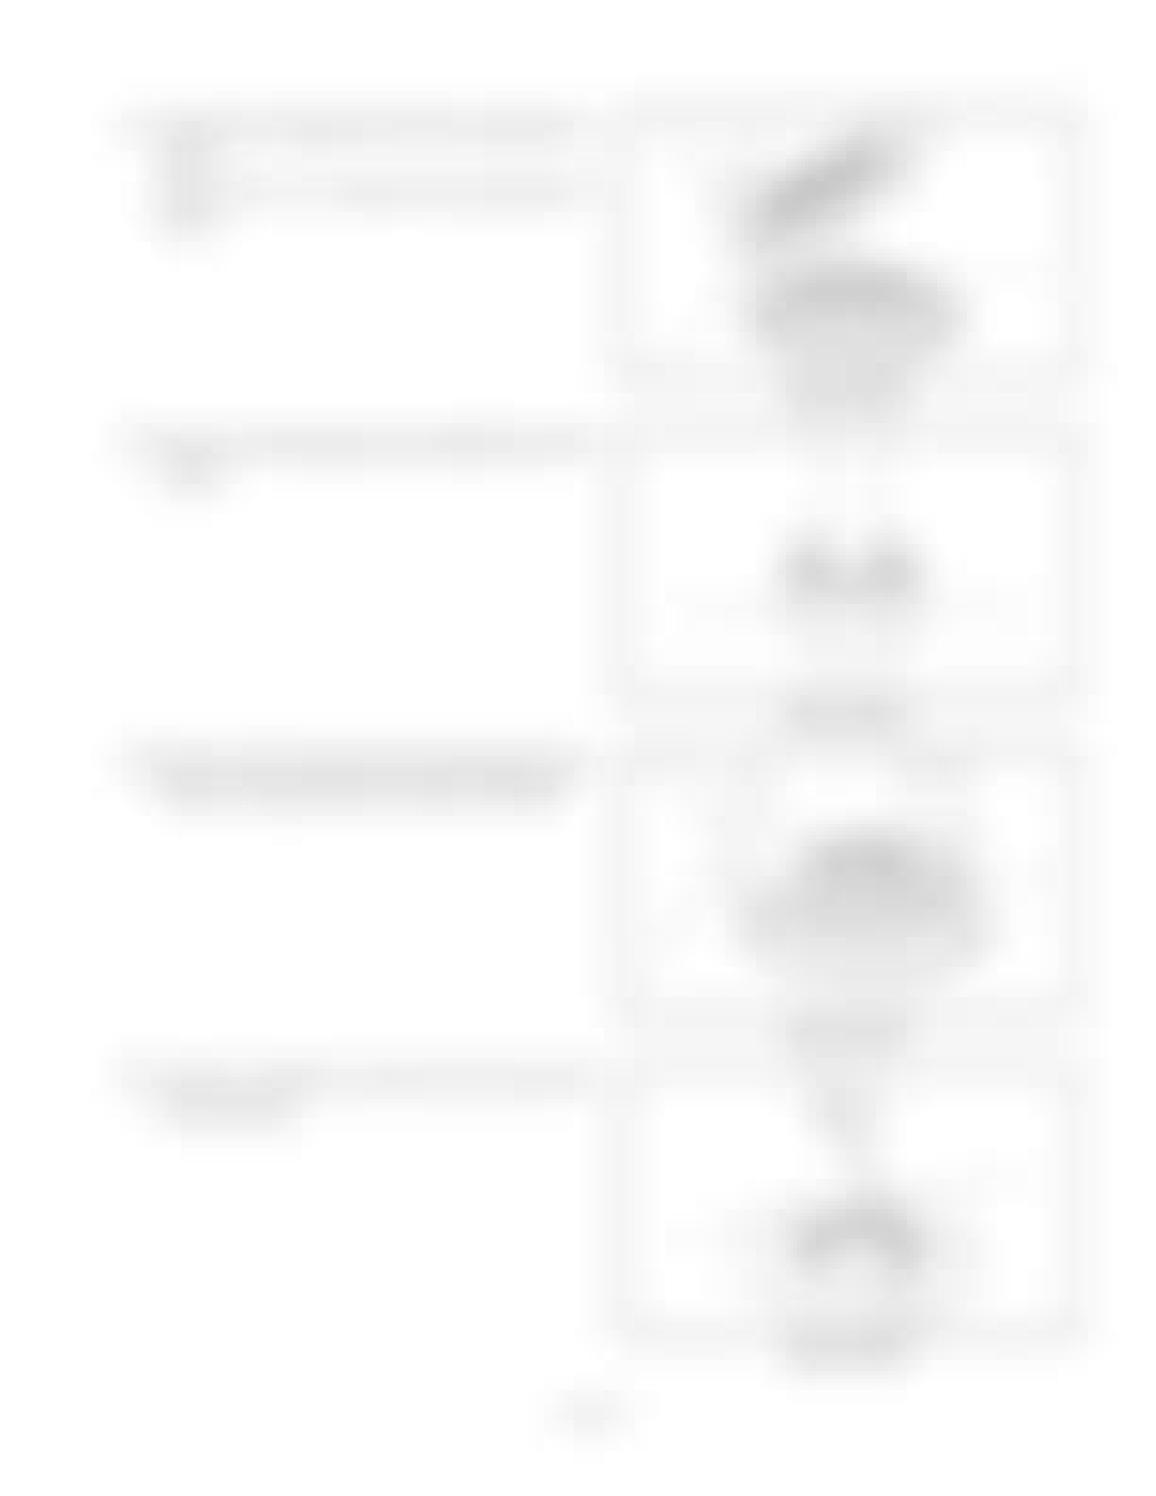 Hitachi LX110-7 LX130-7 LX160-7 LX190-7 LX230-7 Wheel Loader Workshop Manual - PDF DOWNLOAD page 37